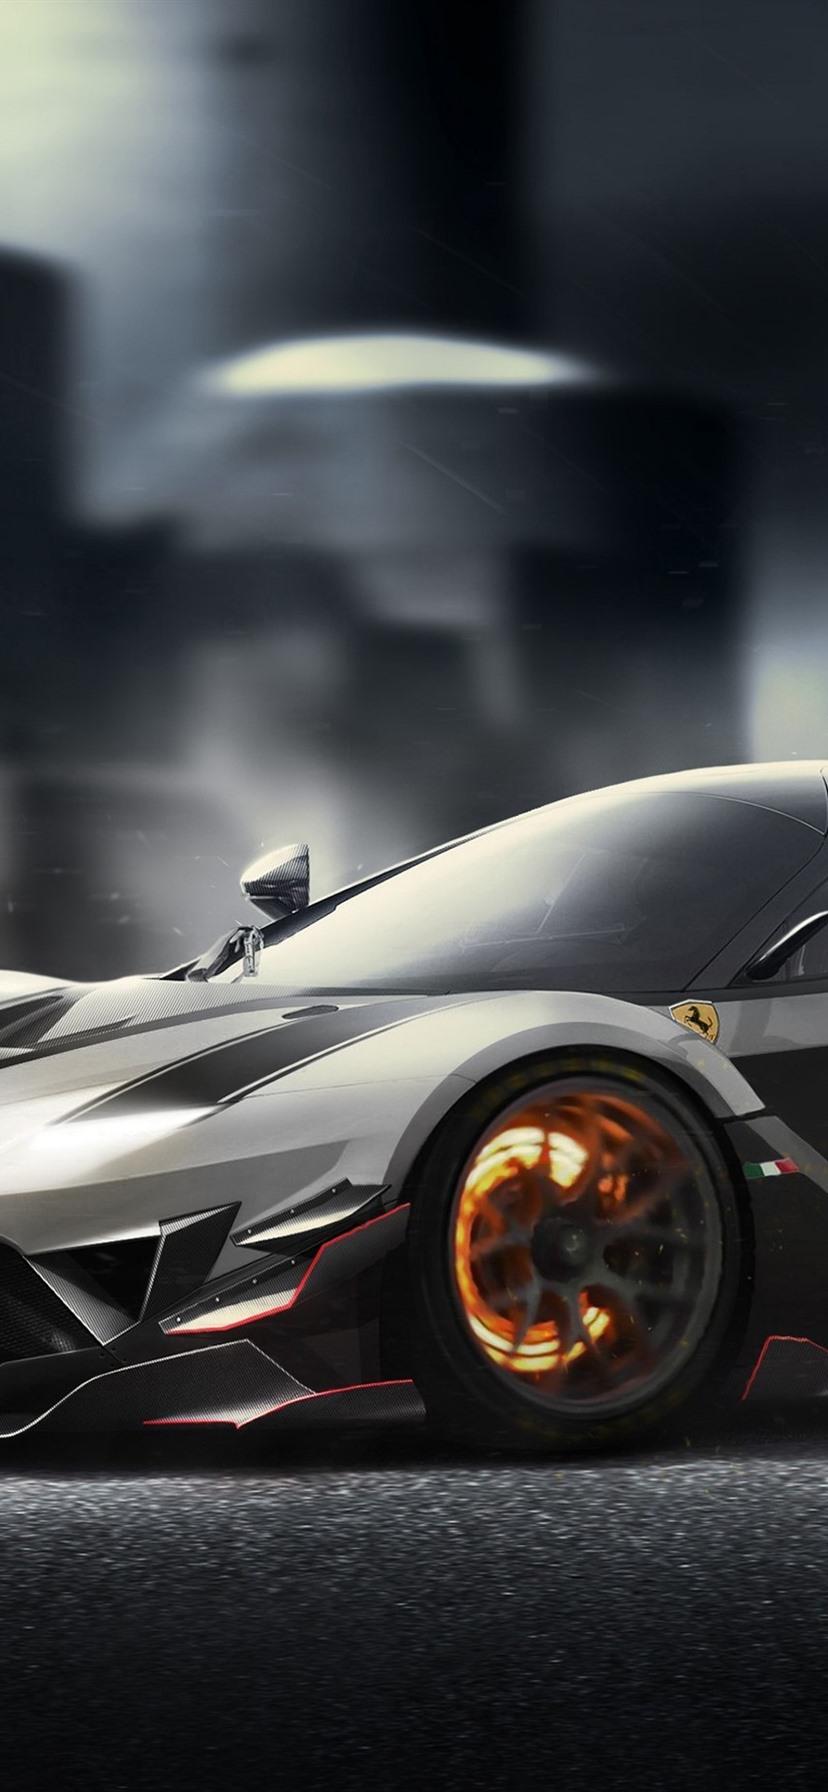 フェラーリ Fxxk シルバースーパーカー 8x1792 Iphone 11 Xr 壁紙 背景 画像